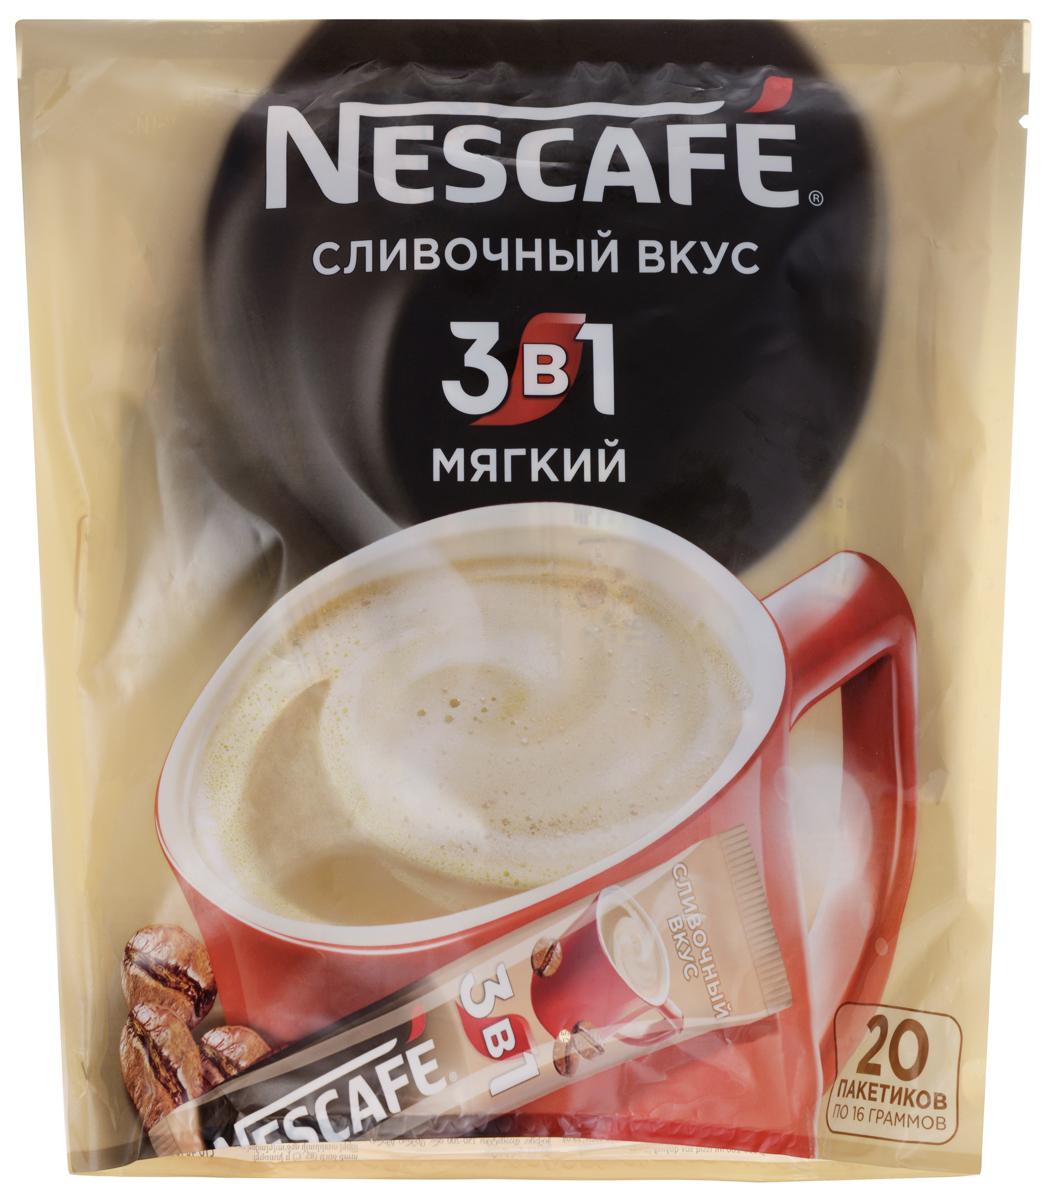 Nescafe 3 в 1 Мягкий кофе растворимый, 20 шт